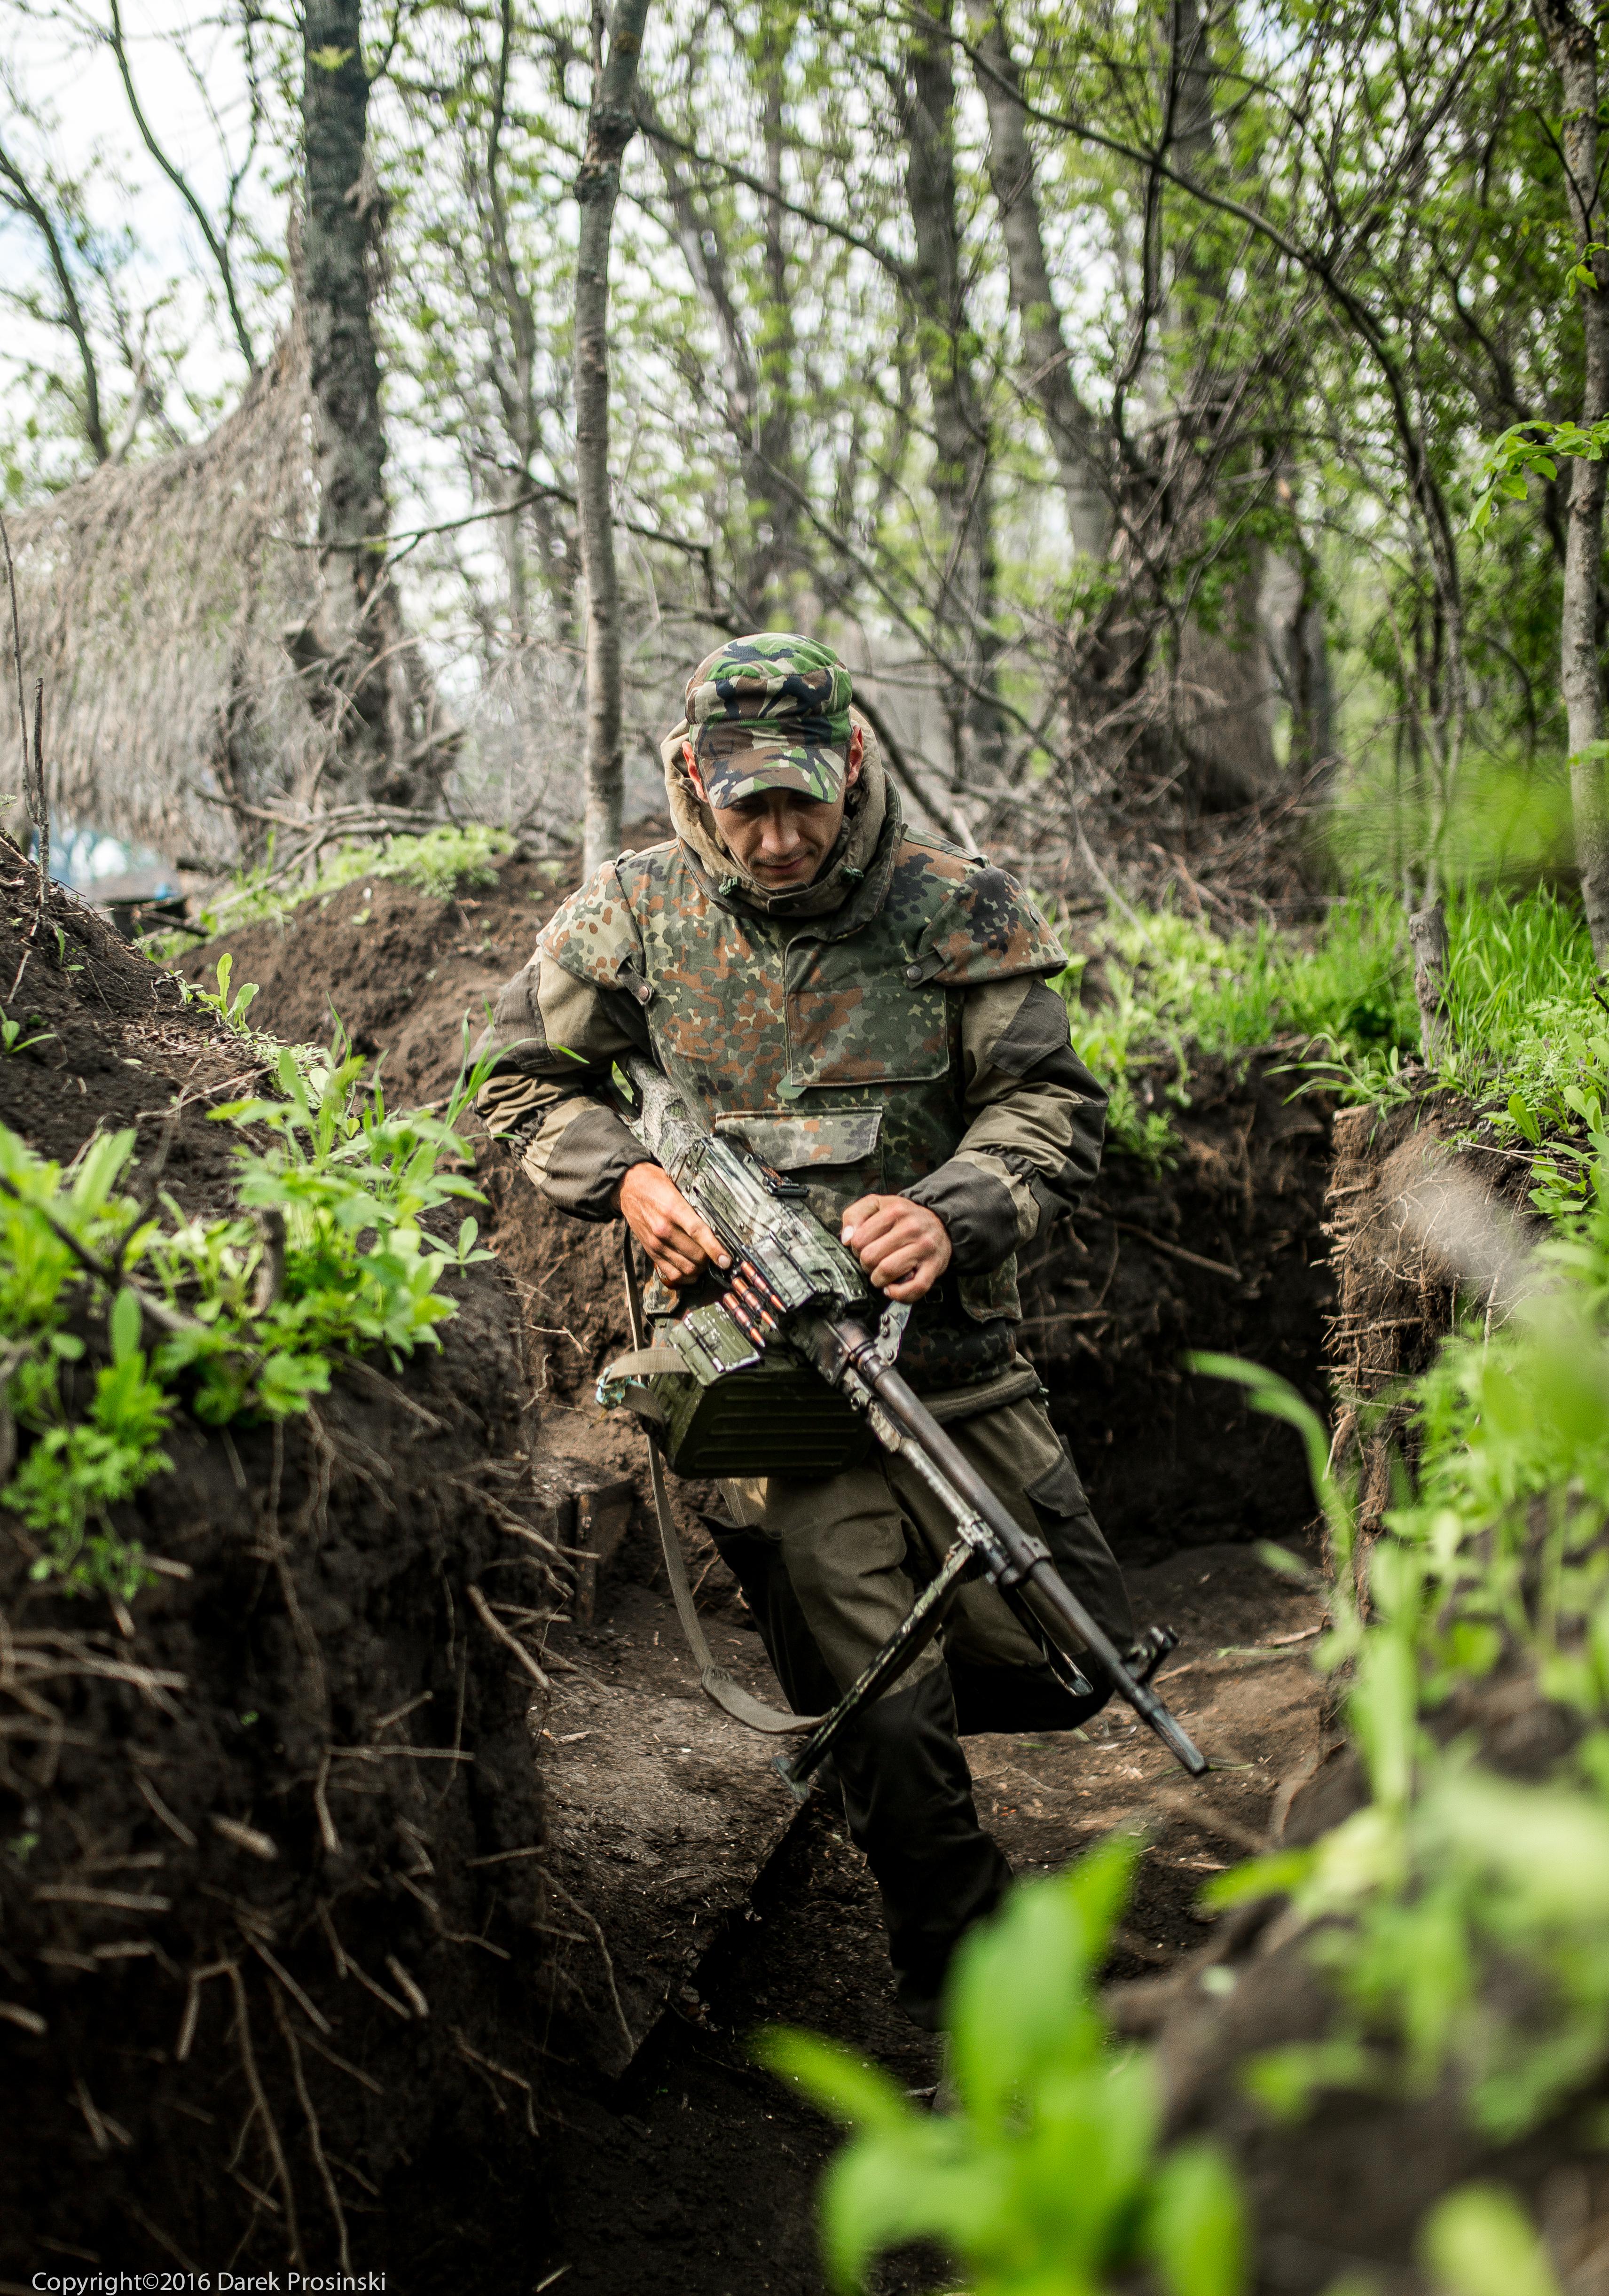 Alarm na pozycjach wojsk ukraińskich w okolicach wsi Nowosiliewka, na północ od Mariupola/fot. Darek Prosiński